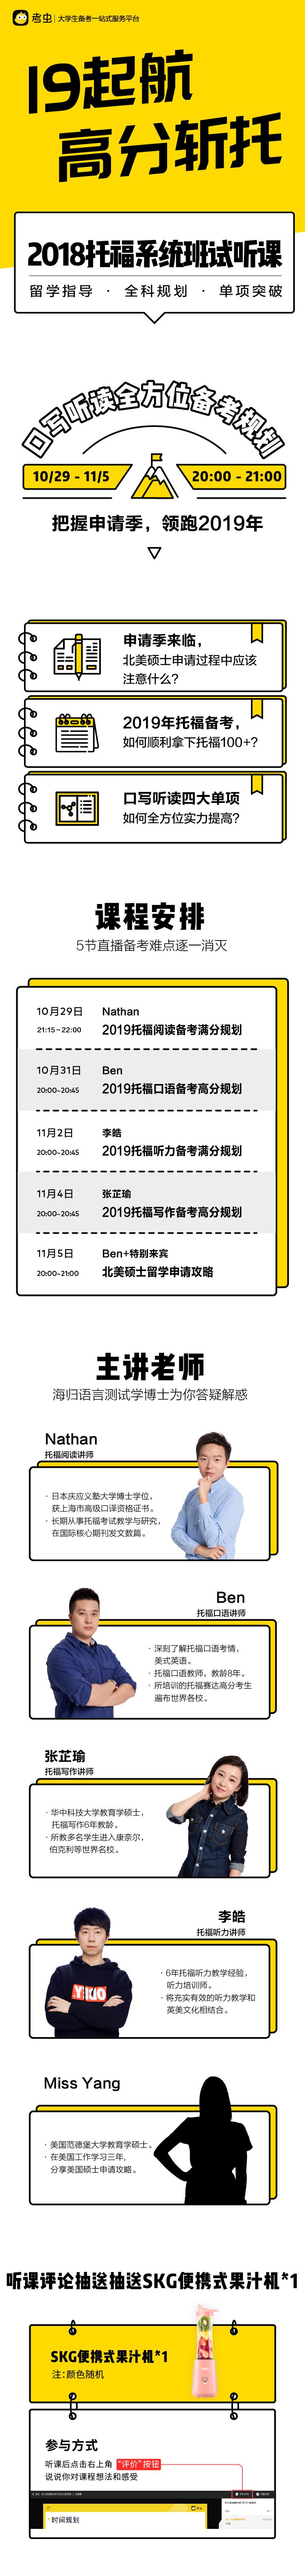 19公开课详情页副本.jpg